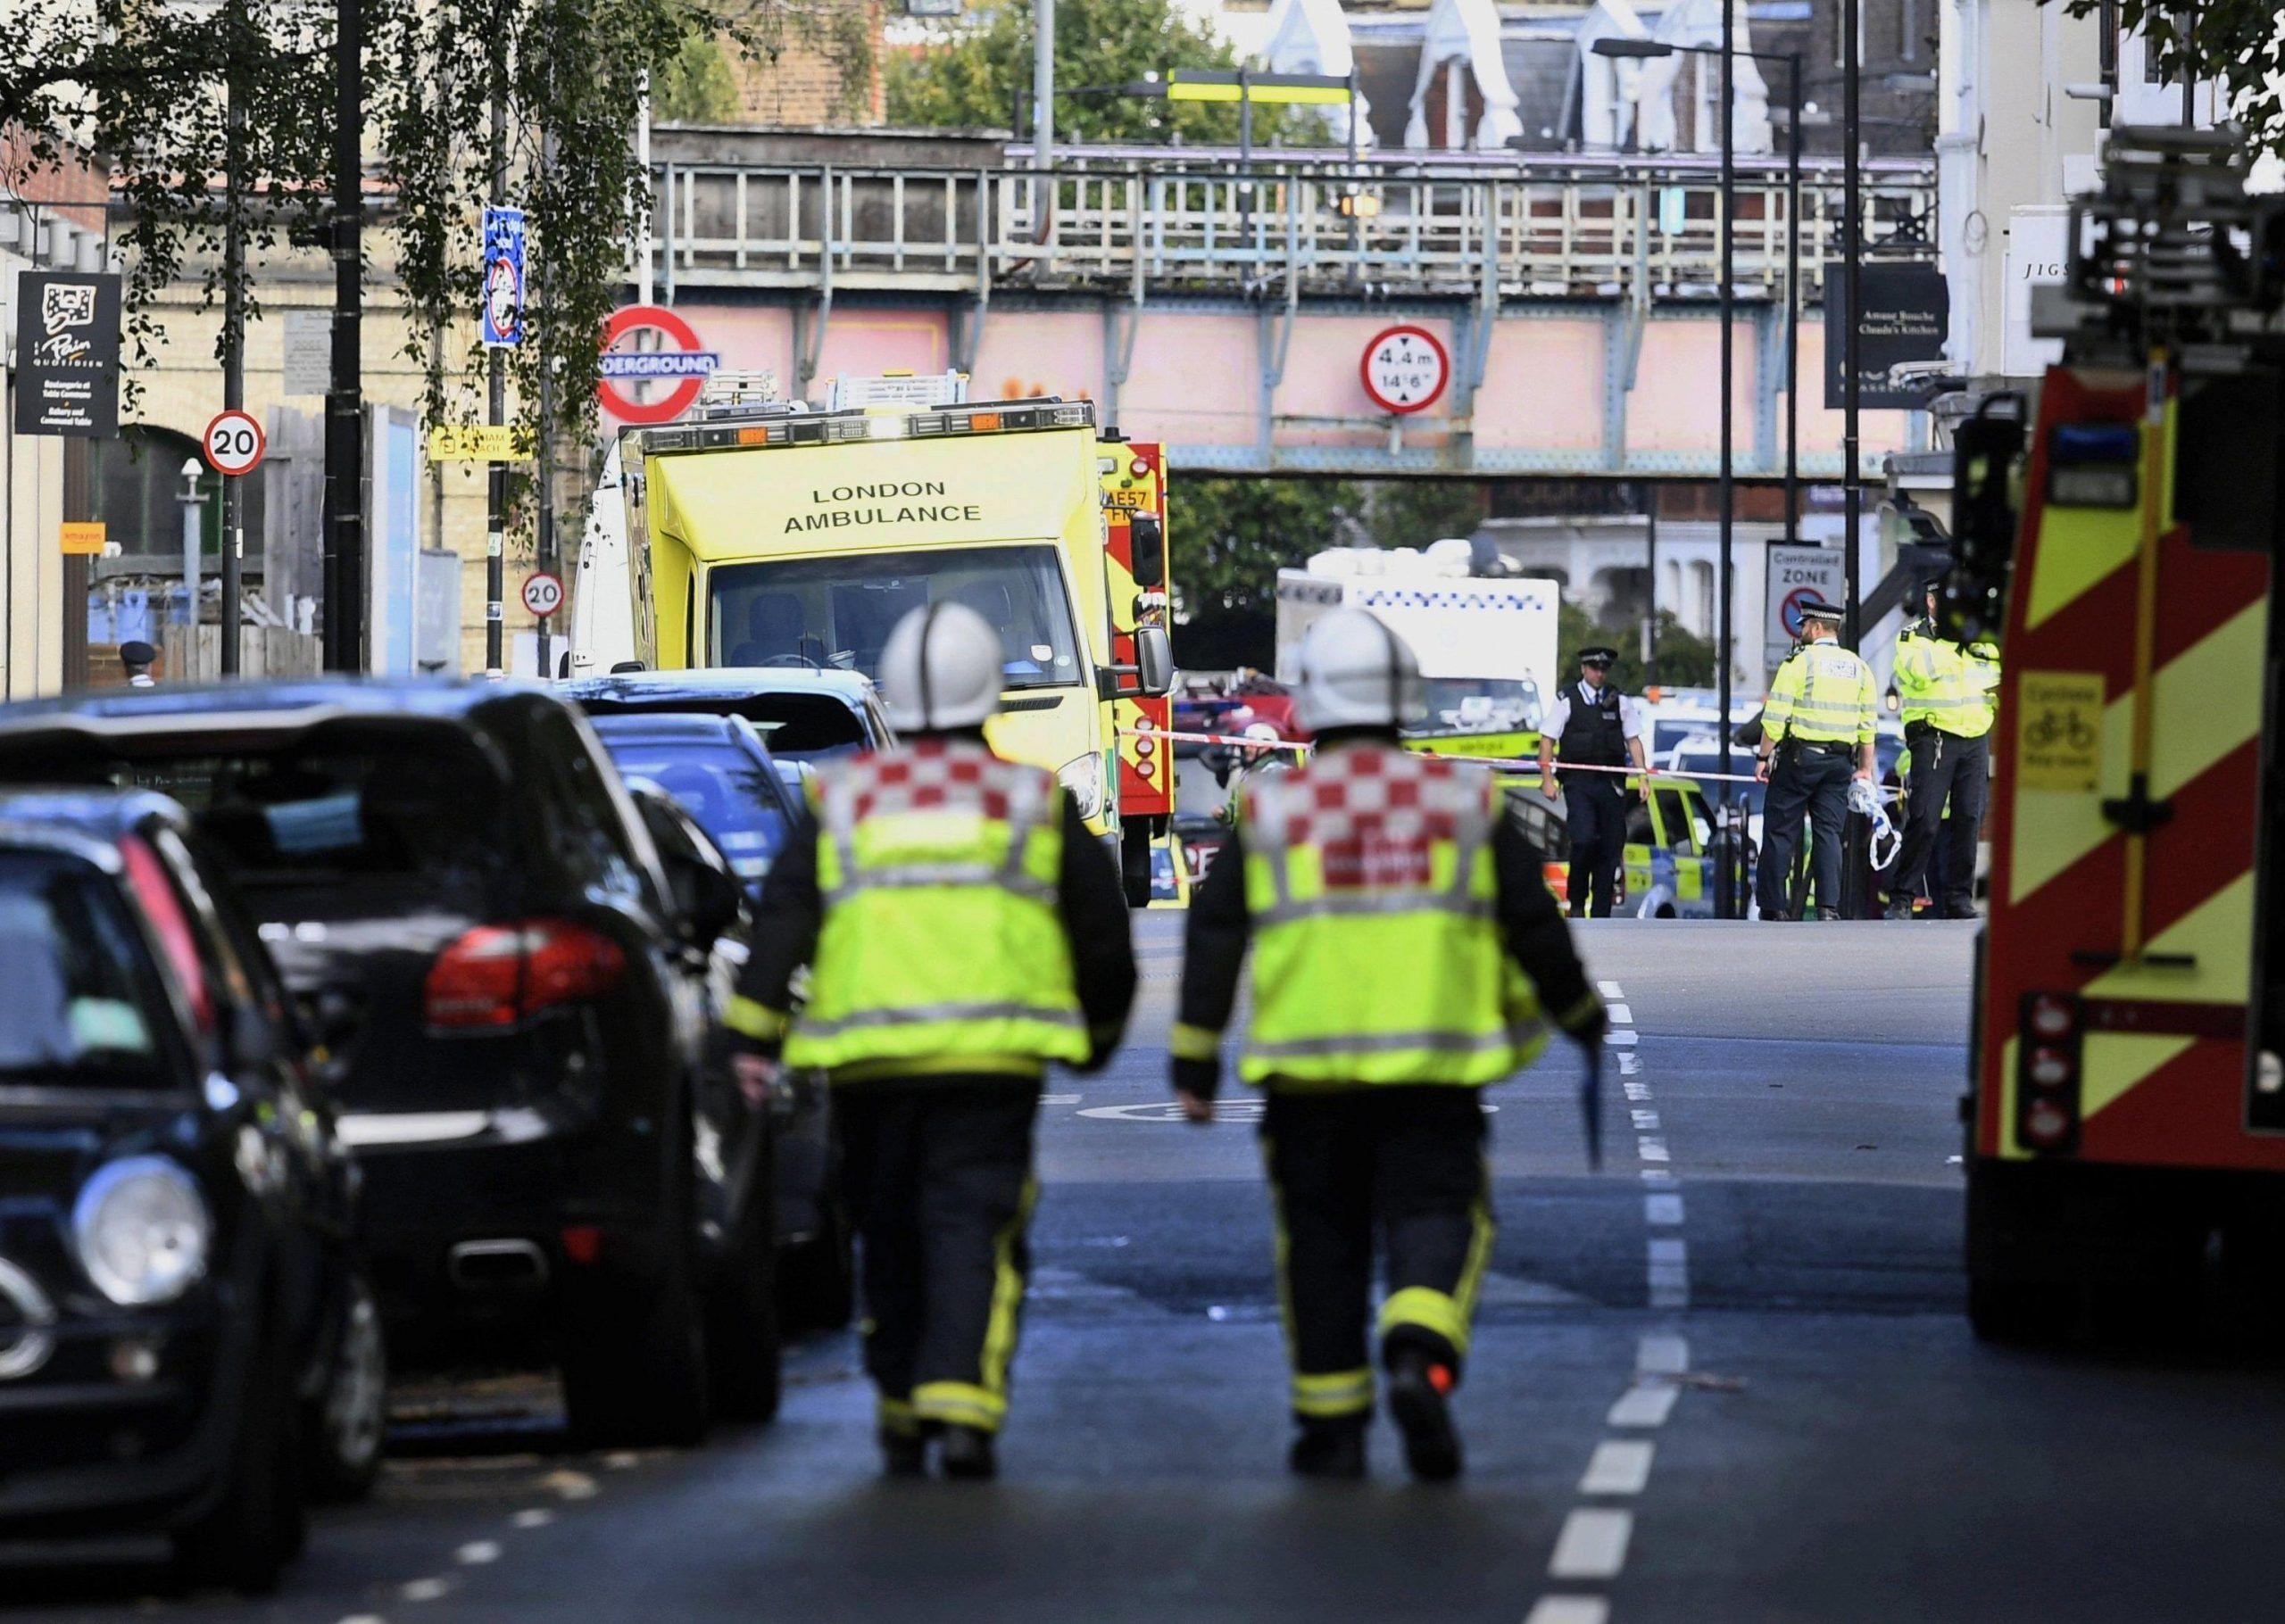 ++ Londra:forte presenza di agenti armati a Parsons Green ++